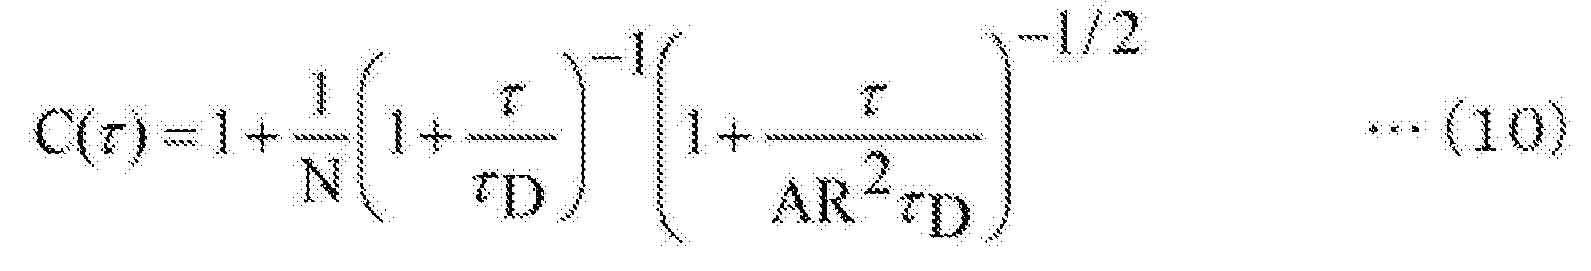 Figure CN103221806BD00281